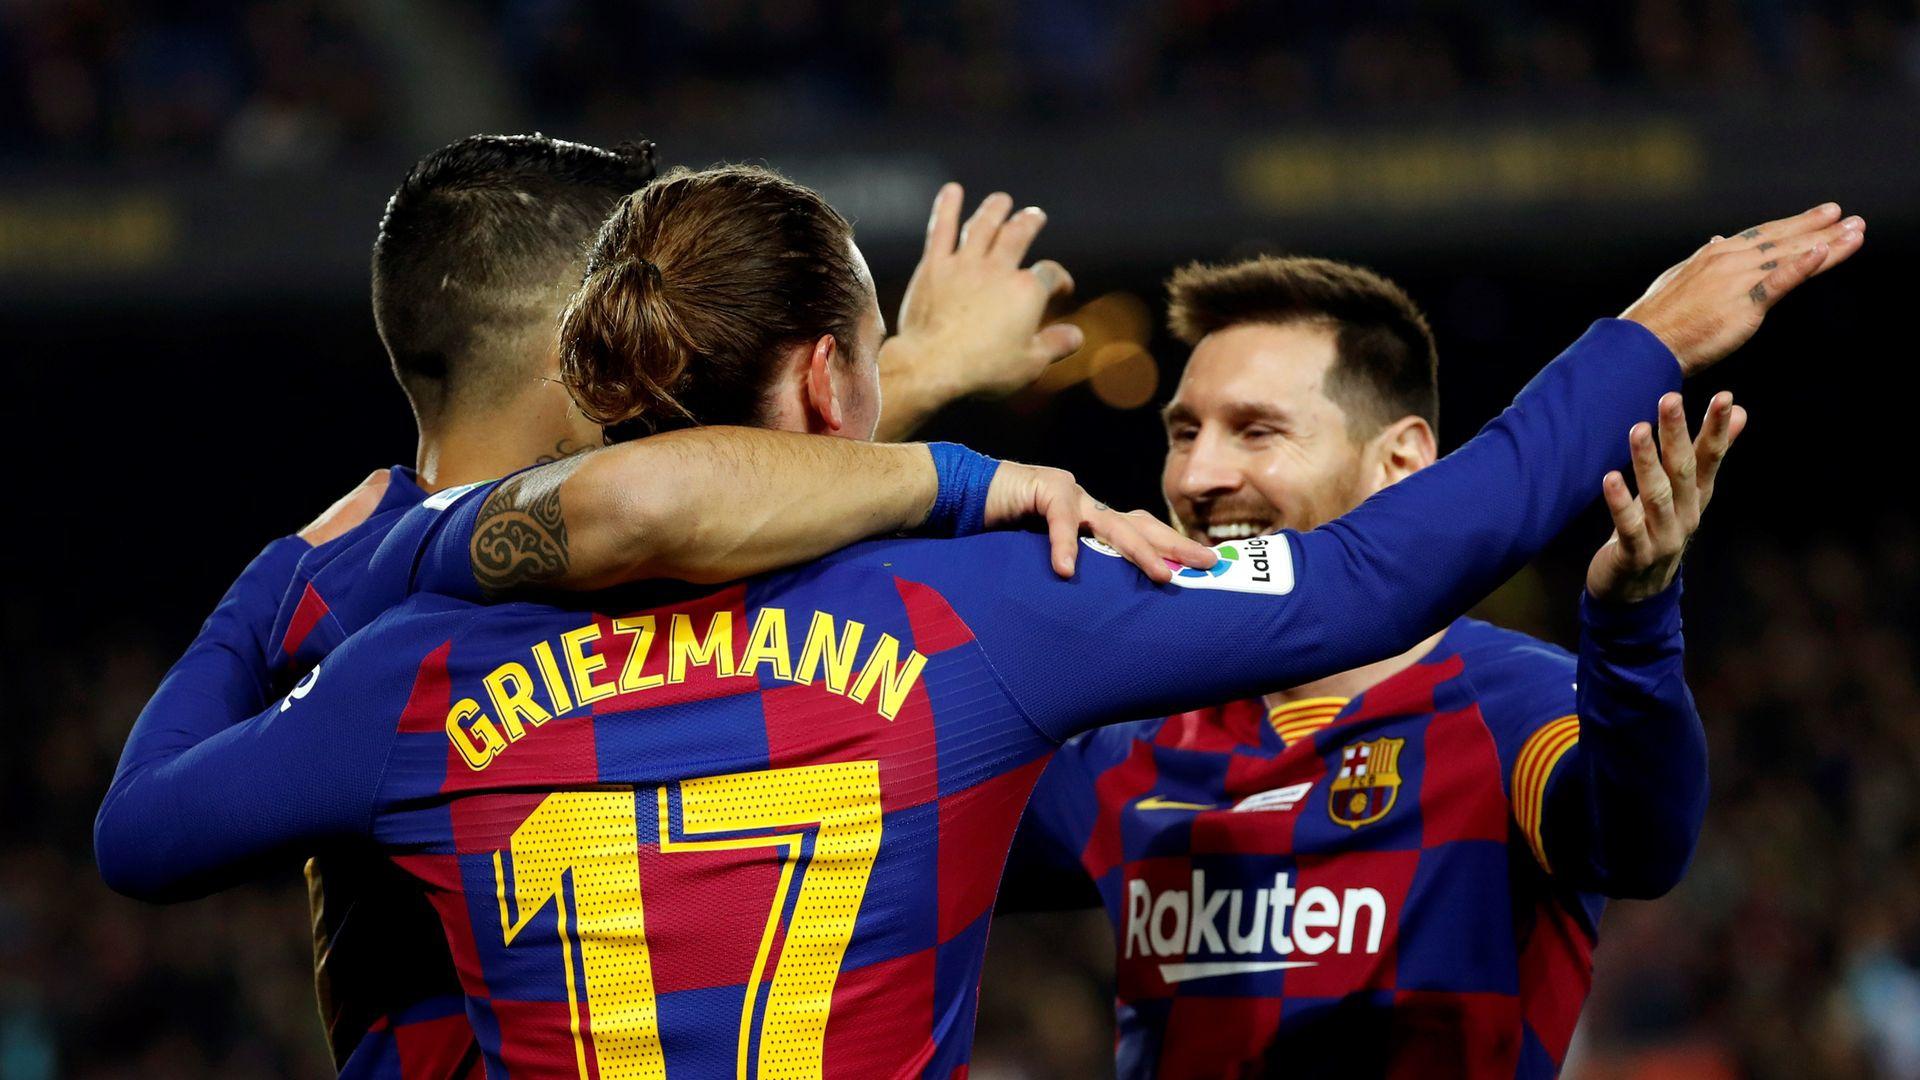 Griezmann và cú đánh gót thức tỉnh sự đáng sợ trong Barca - Bóng Đá